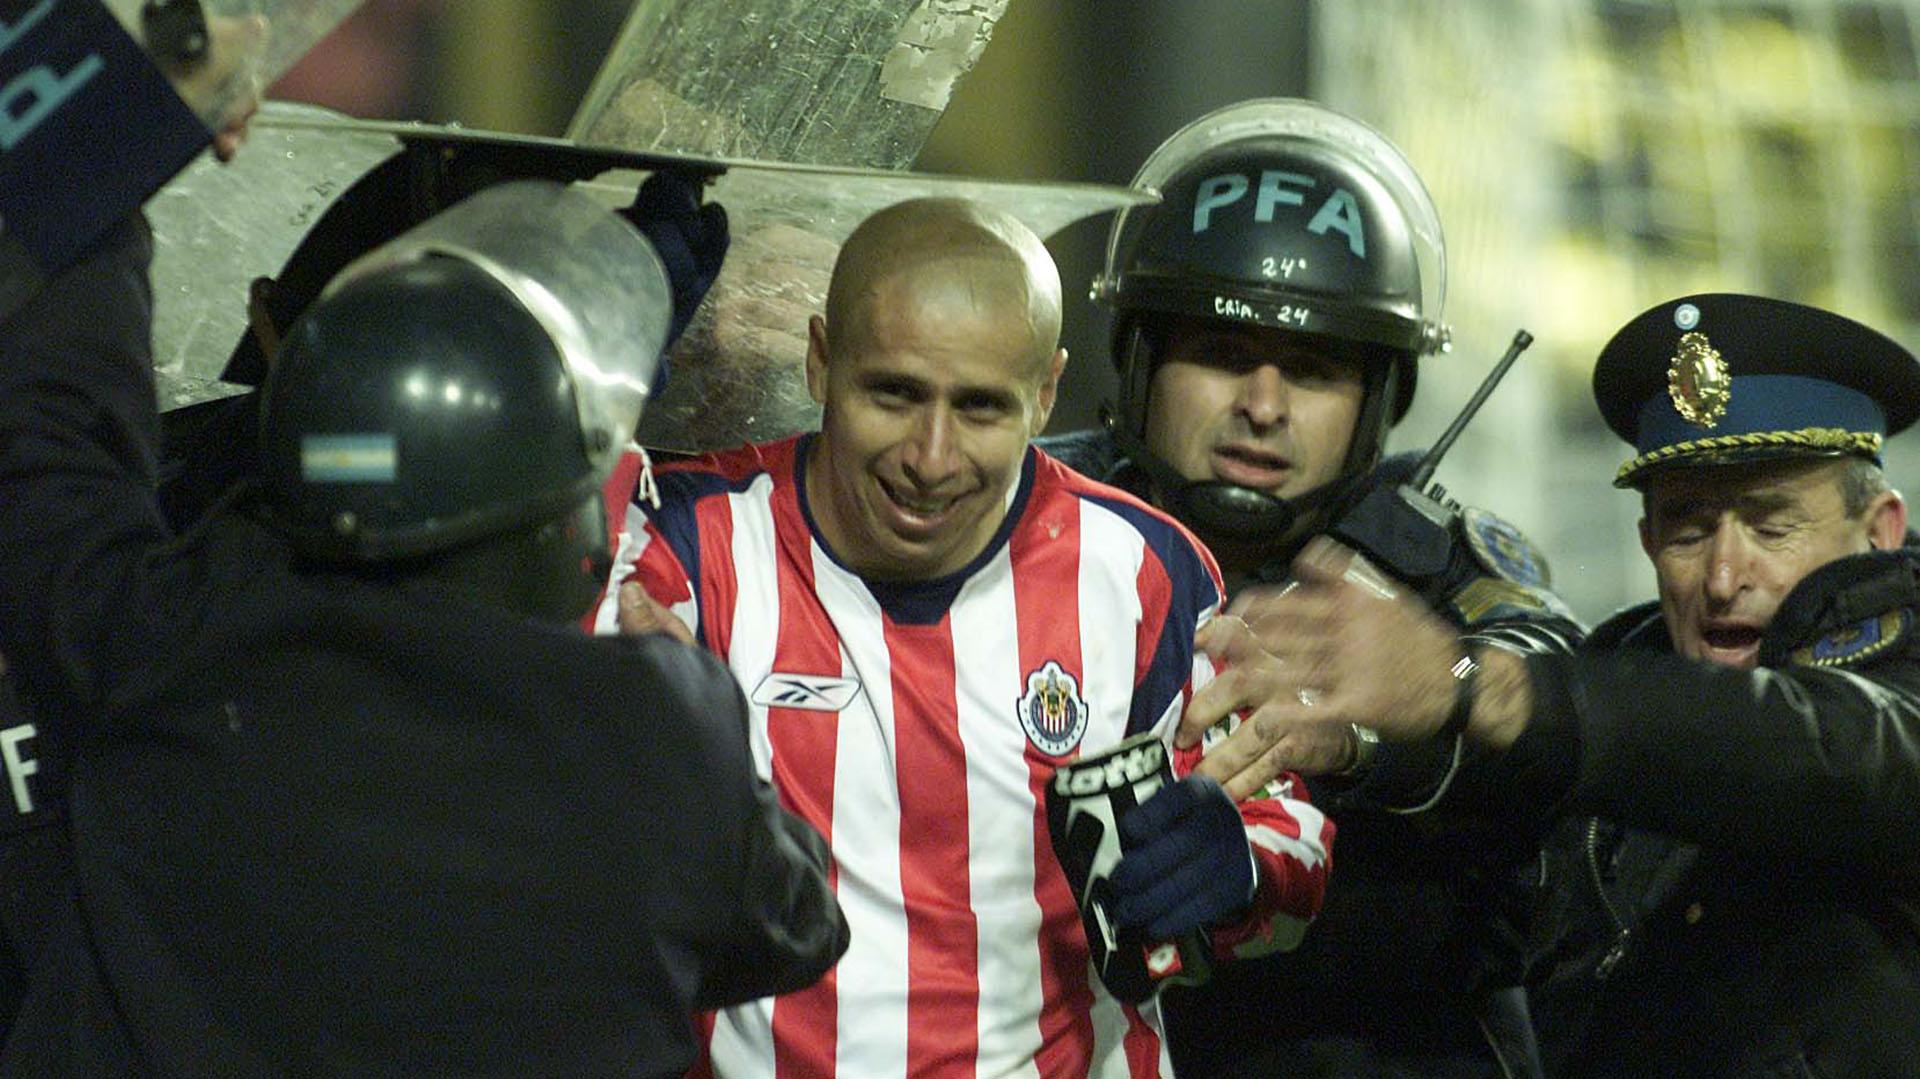 La Policía debió escoltar a Bofo Bautista para retirarse del campo de juego de La Bombonera (Fotobaires)